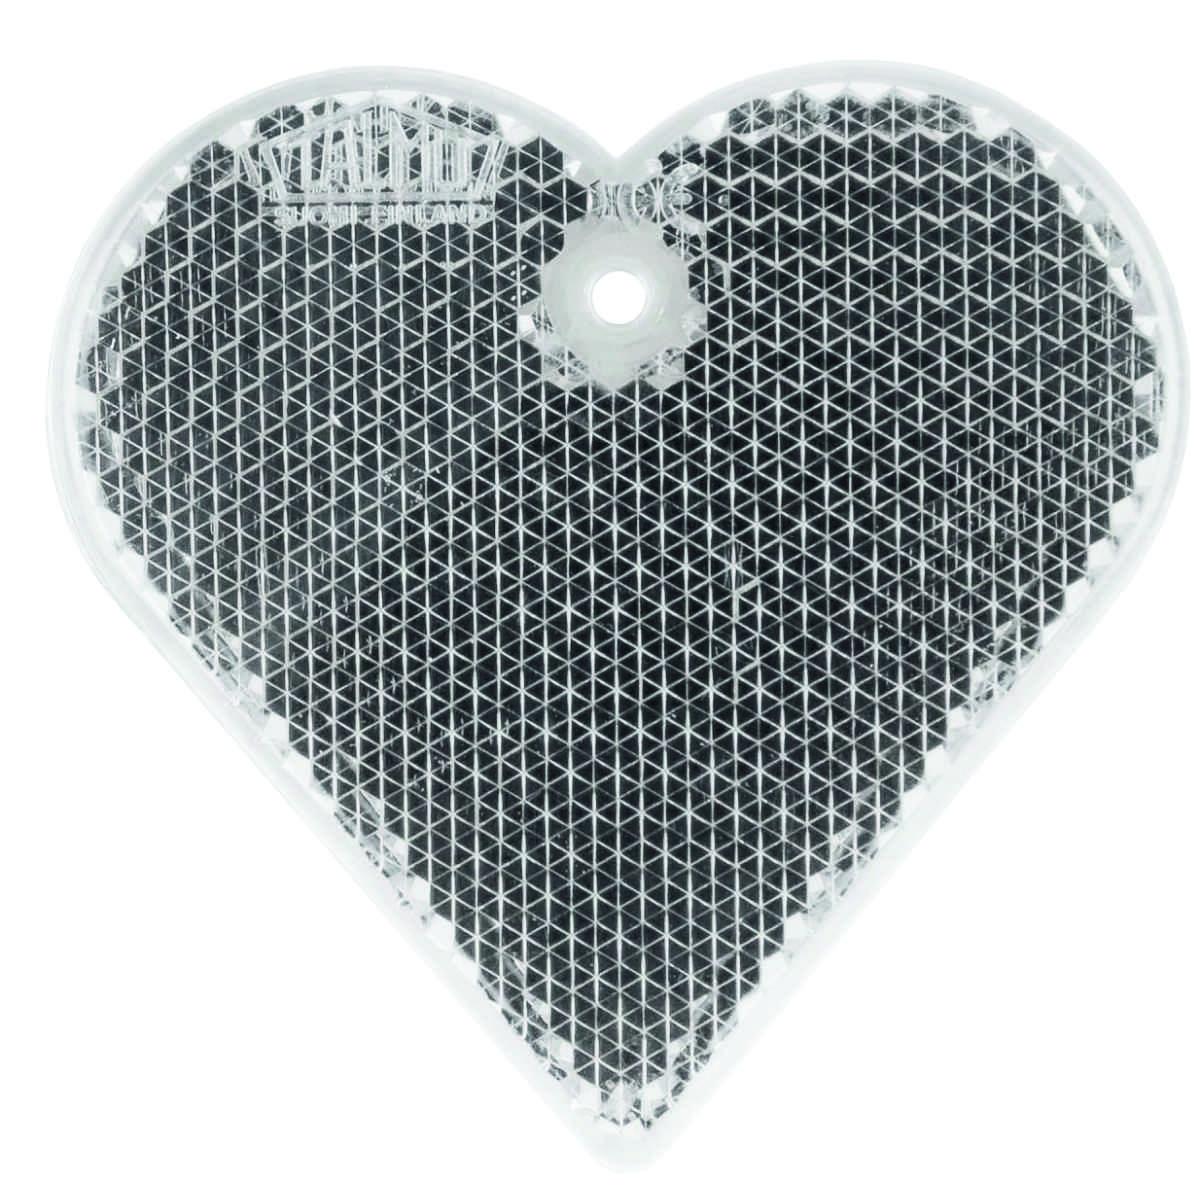 Мамасвет Светоотражатель пешеходный Сердце цвет розовый51009.65Светоотражатель пешеходный Мамасвет Сердце выполнен из высококачественного материала в виде подвески. Светоотражатель должен свободно раскачиваться и быть видимым со всех сторон. В комплект со светоотражателем входит специальное крепление - шариковая цепочка. В темное время суток движущийся пешеход становится виден в свете автомобильных фар только на расстоянии 30 метров - у водителя остается всего лишь 1,3 секунды на то, чтобы среагировать. Пешеход же со светоотражателем заметен уже на расстоянии 150-400 метров, и у водителя есть целых 7 секунд, чтобы объехать его и избежать ДТП. Специалисты считают, что в темноте риск для пешехода стать жертвой ДТП или спровоцировать аварию возрастает в два раза, а у пешехода без светоотражателя он почти в десять раз выше, чем у того, кто использует это полезное изобретение.